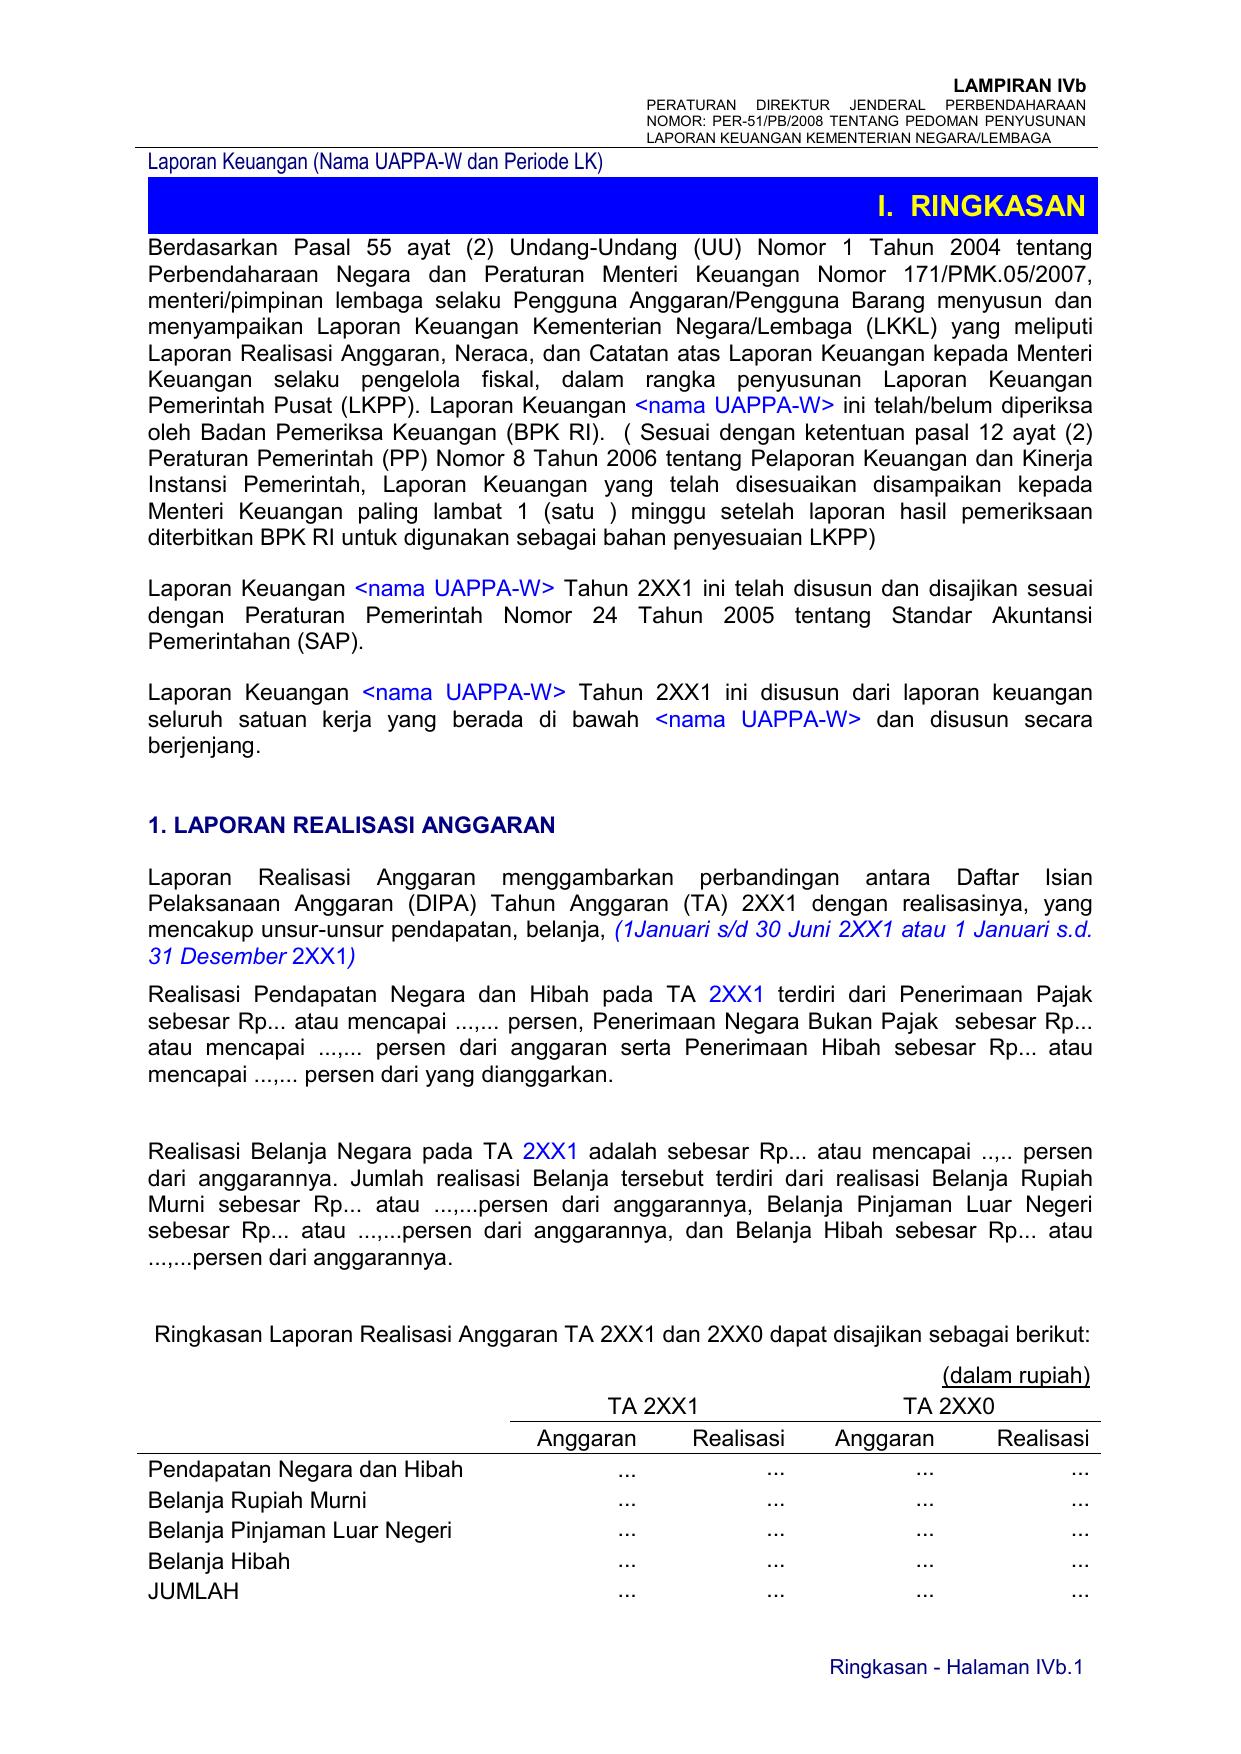 Contoh Executive Summary Laporan Keuangan